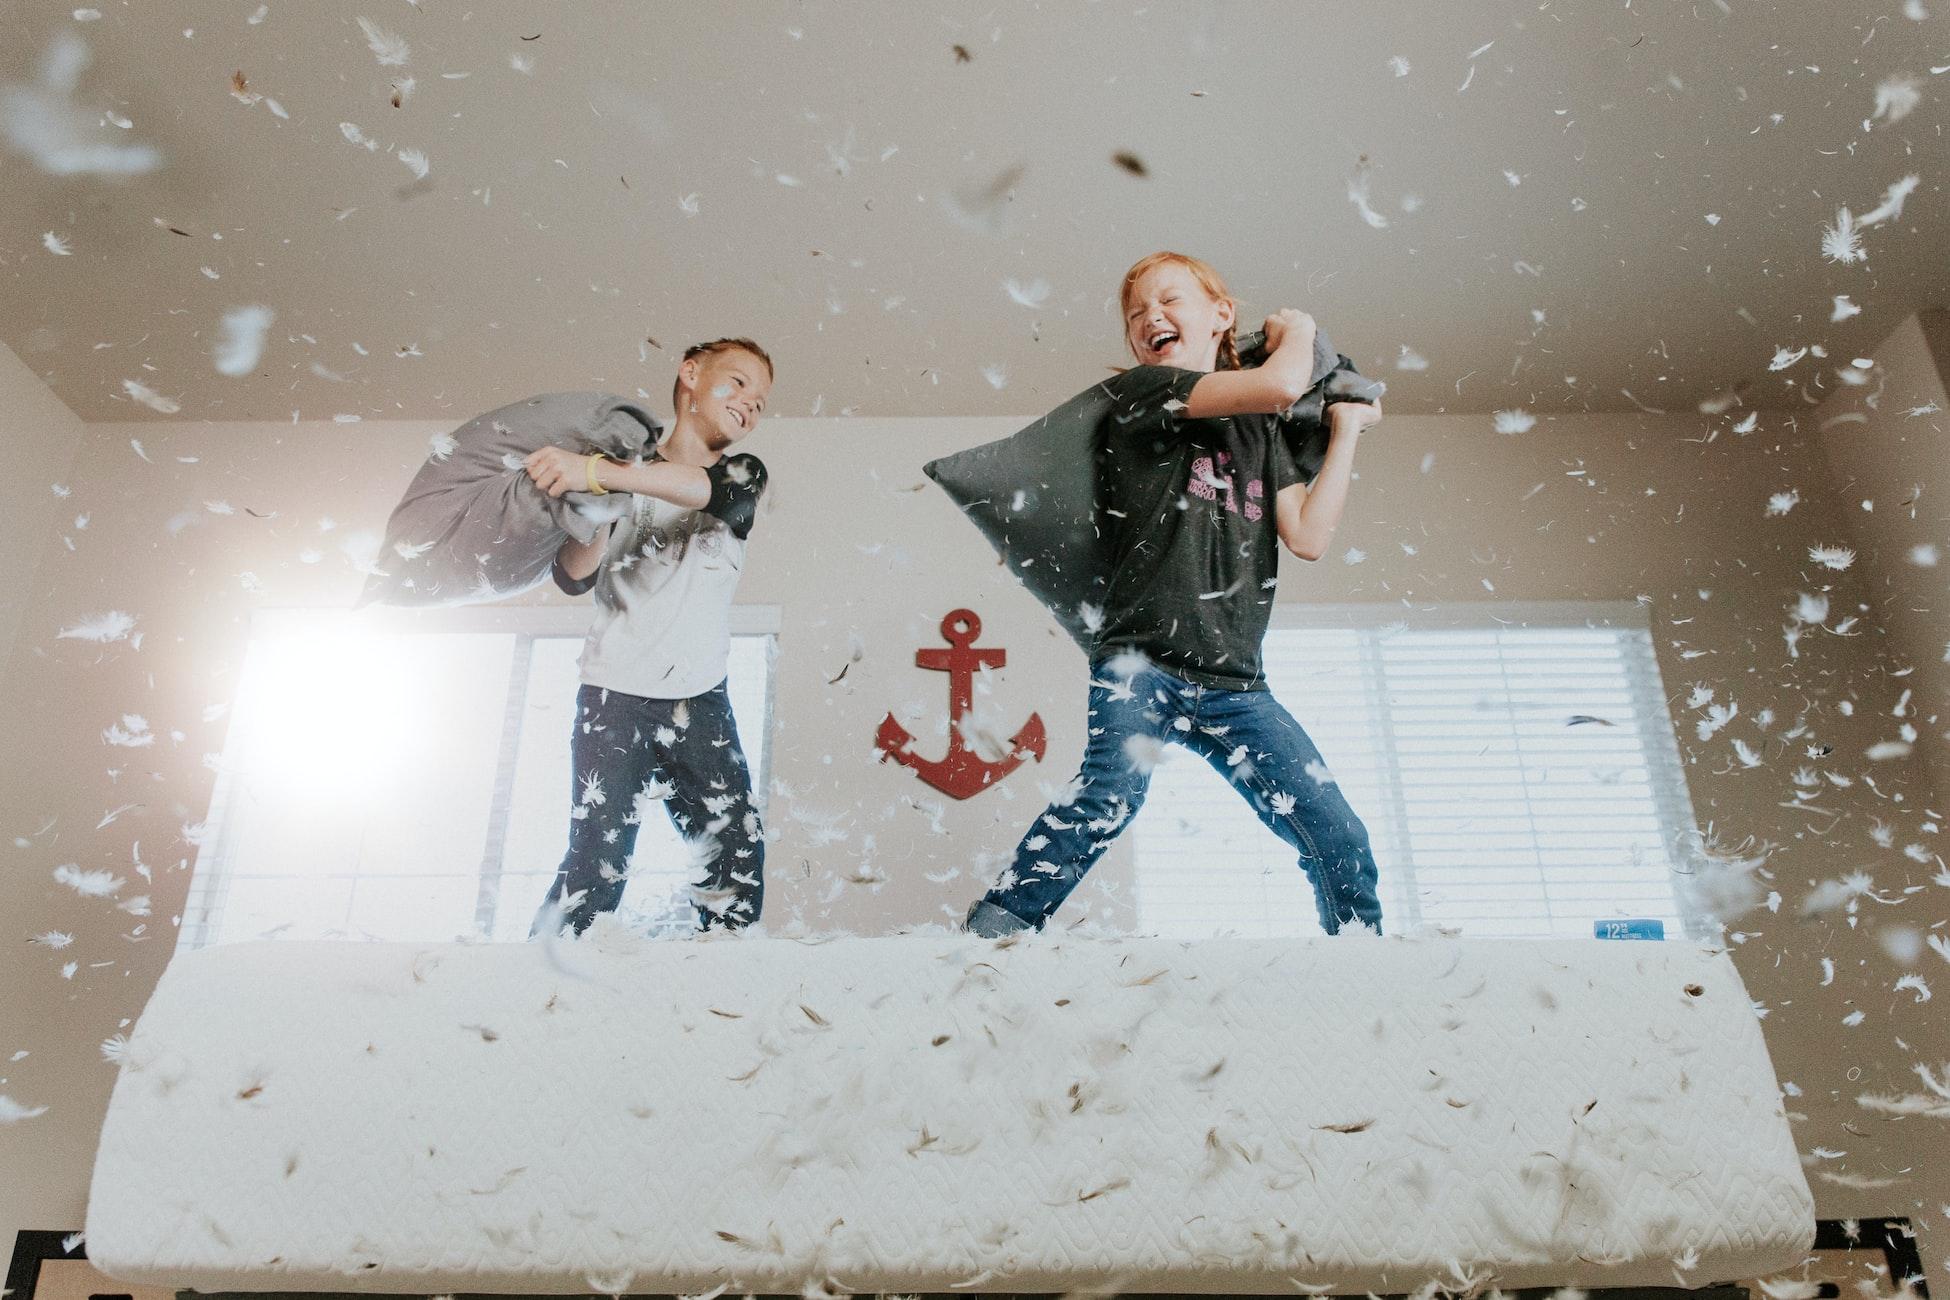 Kids Playing Together - Let's Roam Indoor Scavenger Hunts